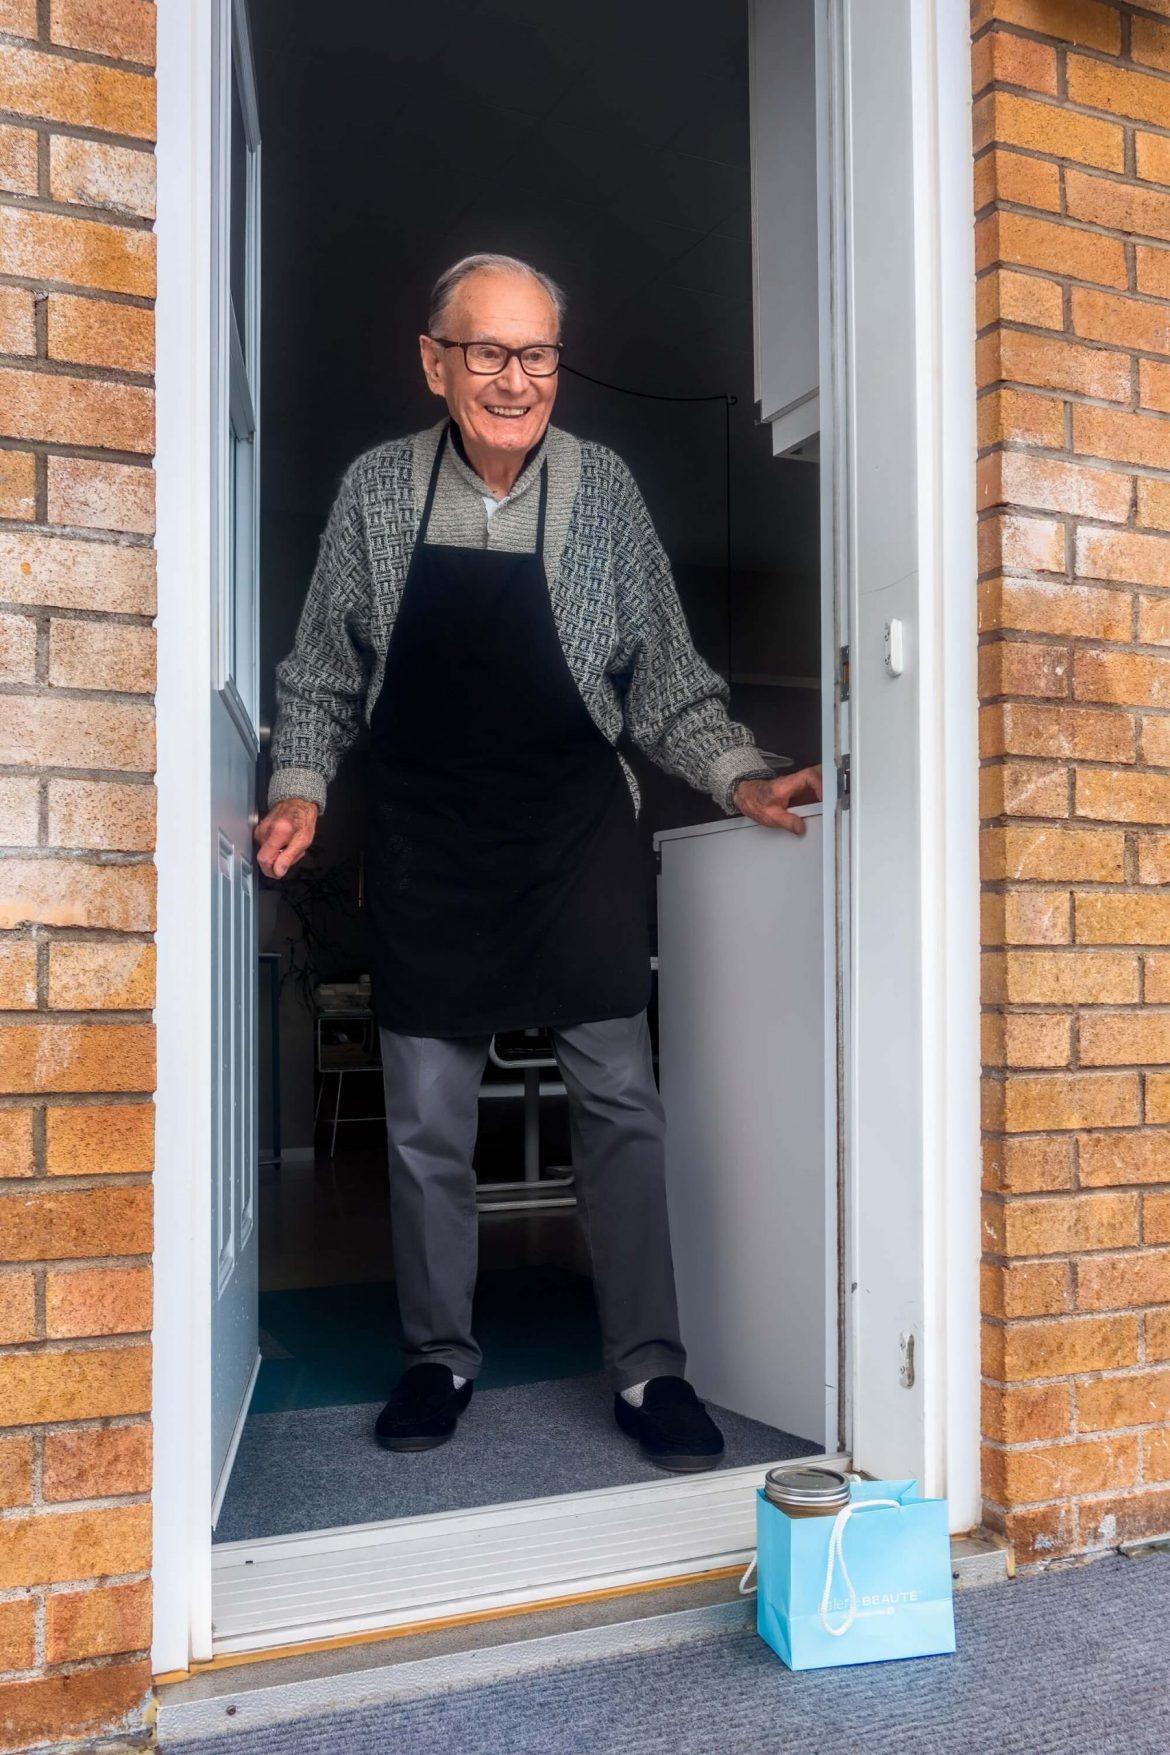 atividades-reabilitadoras-para-idosos